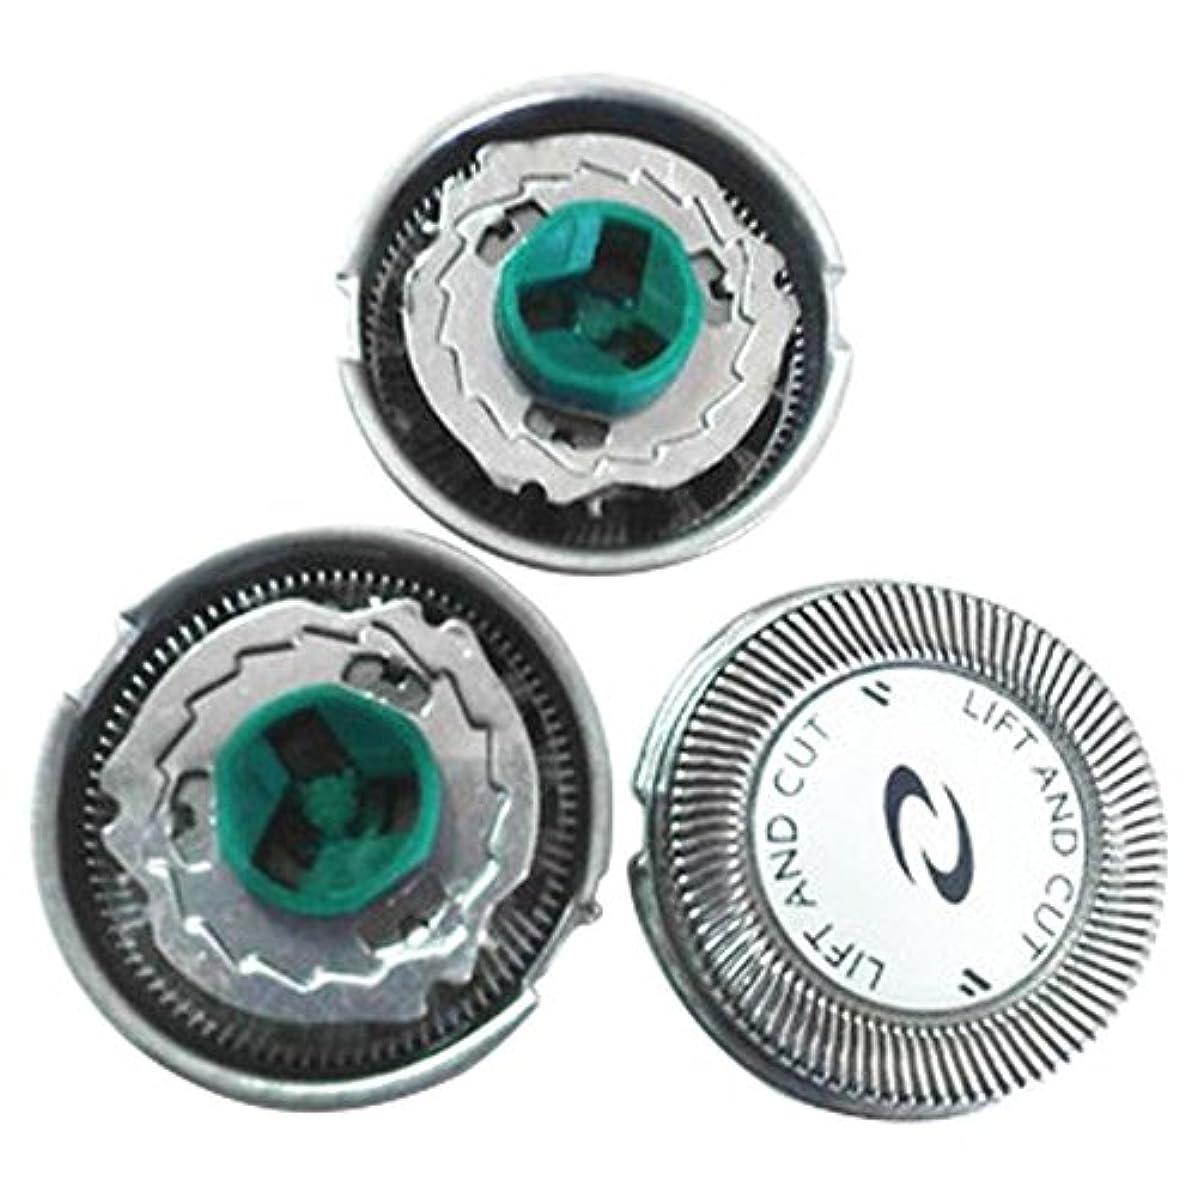 不確実湿気の多いクラブDeylaying 置換 シェーバー かみそり 頭 刃 for Philips HQ7310 PT720 PT725 HQ7140 HQ7390